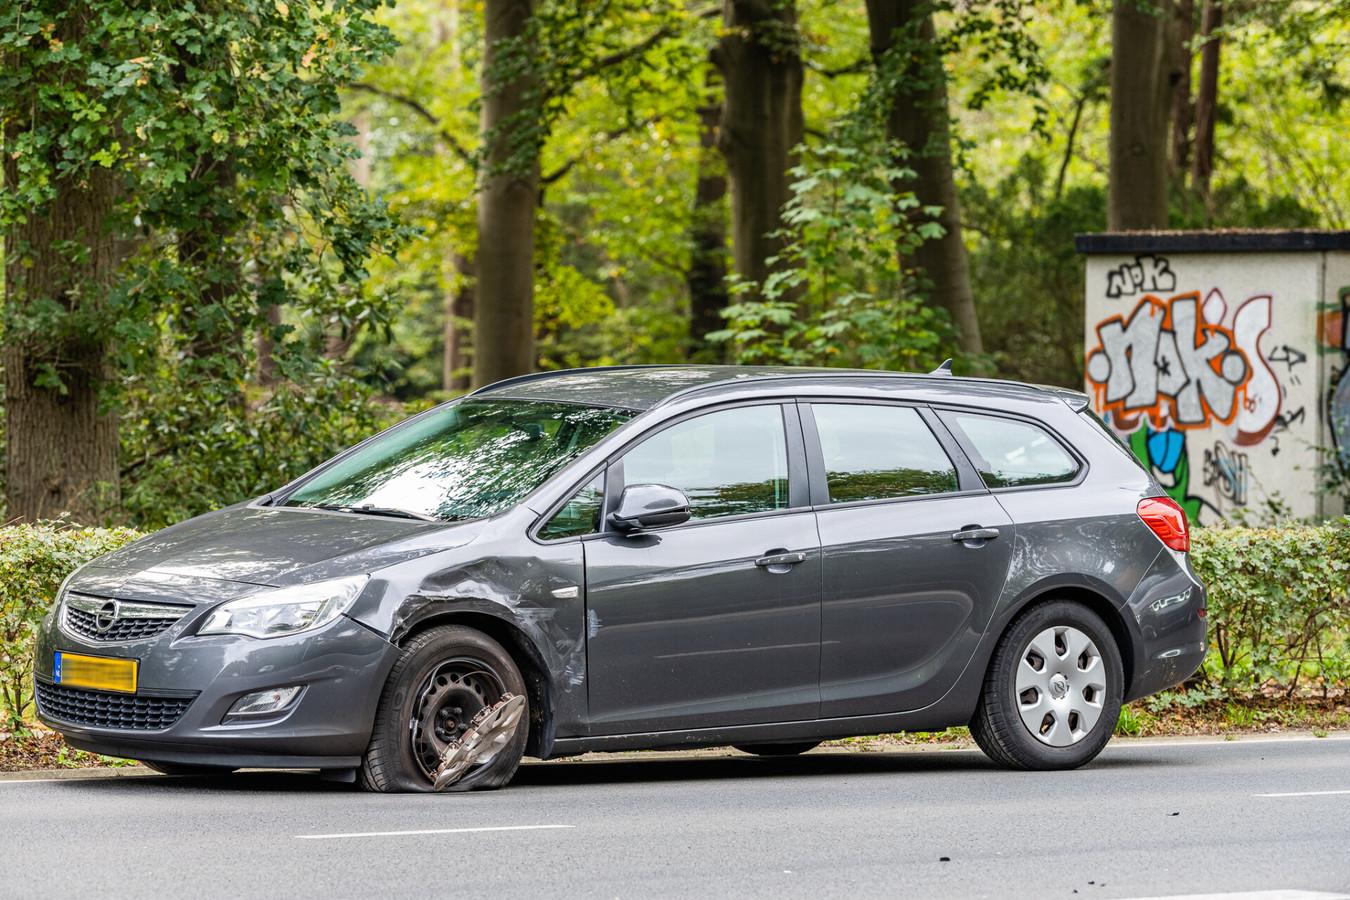 Vermoedelijk zag een automobilist die uit de Pompstationweg kwam de bestelwagen over het hoofd.